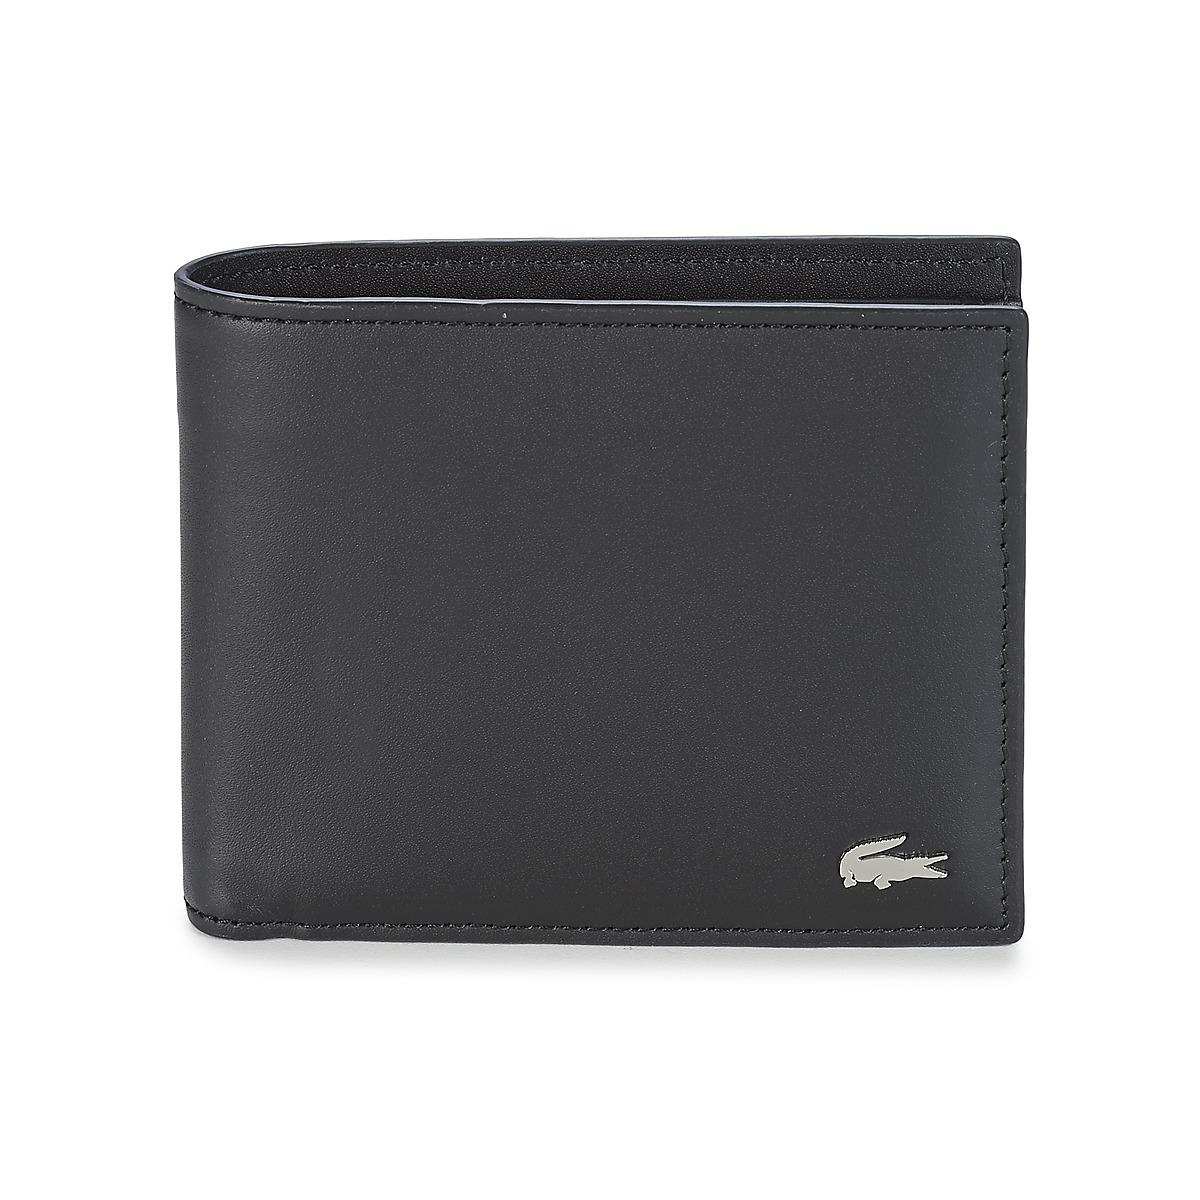 portefeuilles lacoste fg noir livraison gratuite avec spartoo sacs homme 79 99